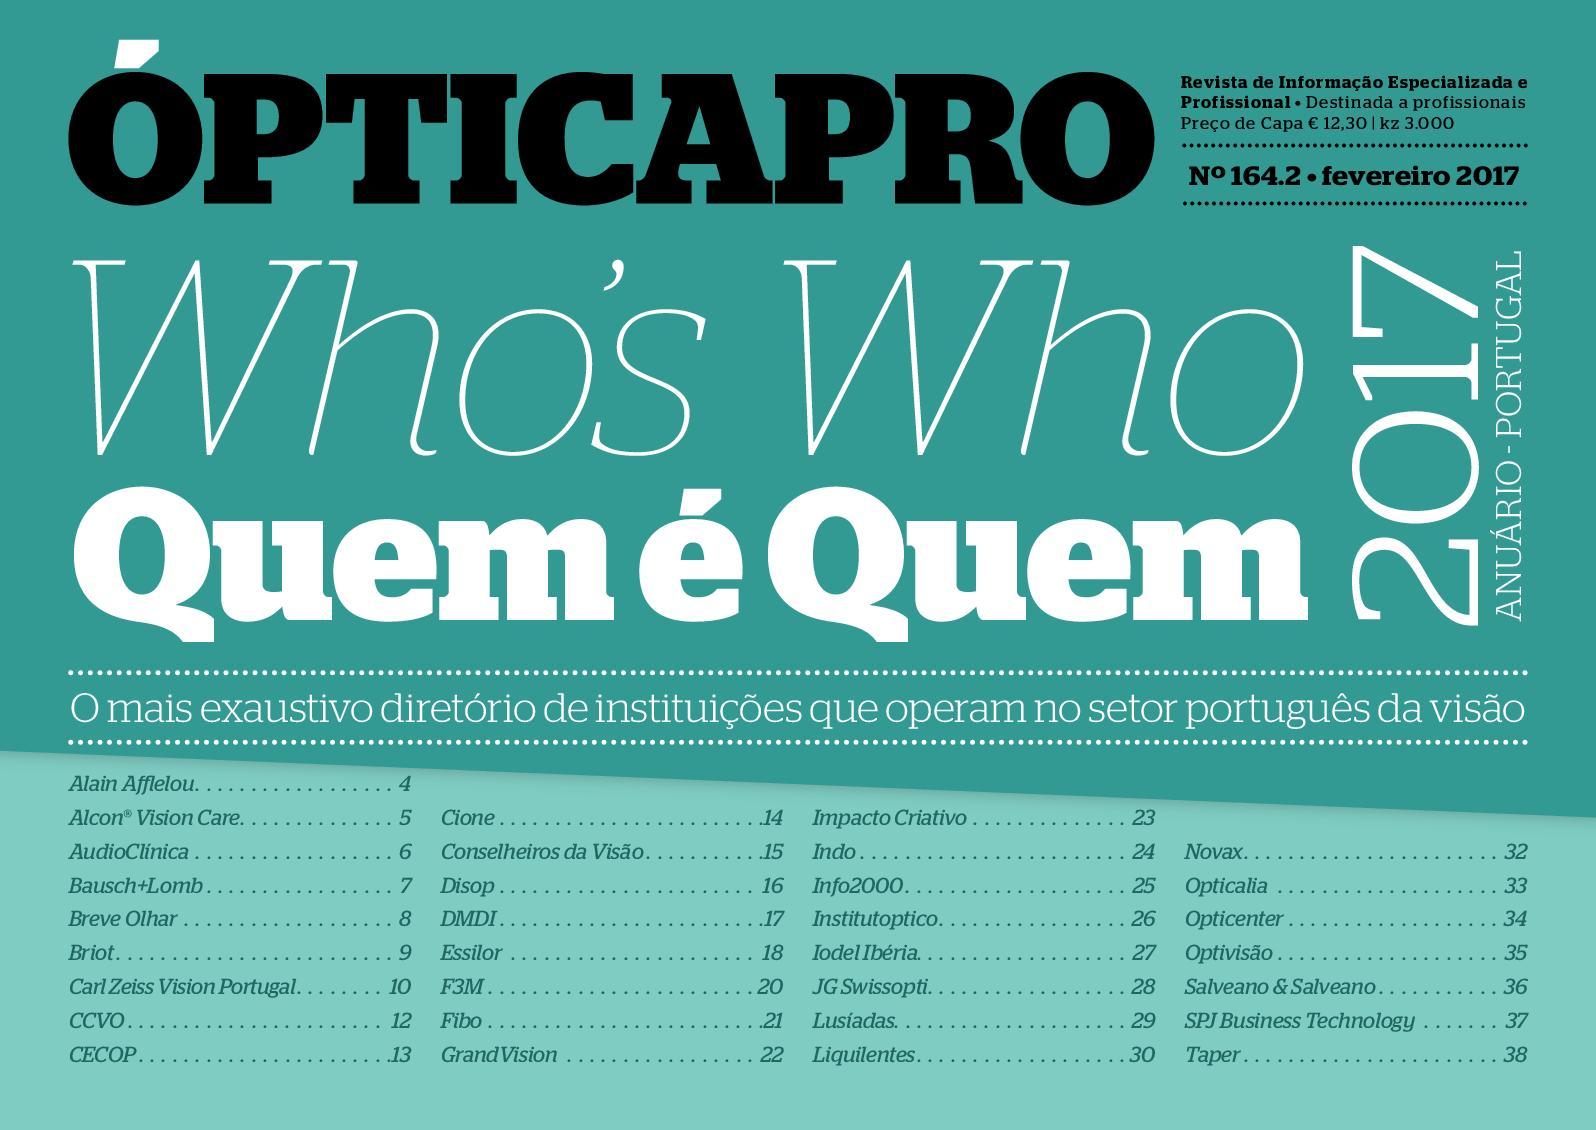 Calaméo - OpticaPro 164 - Especial Quem É Quem 2017 1f86c69079